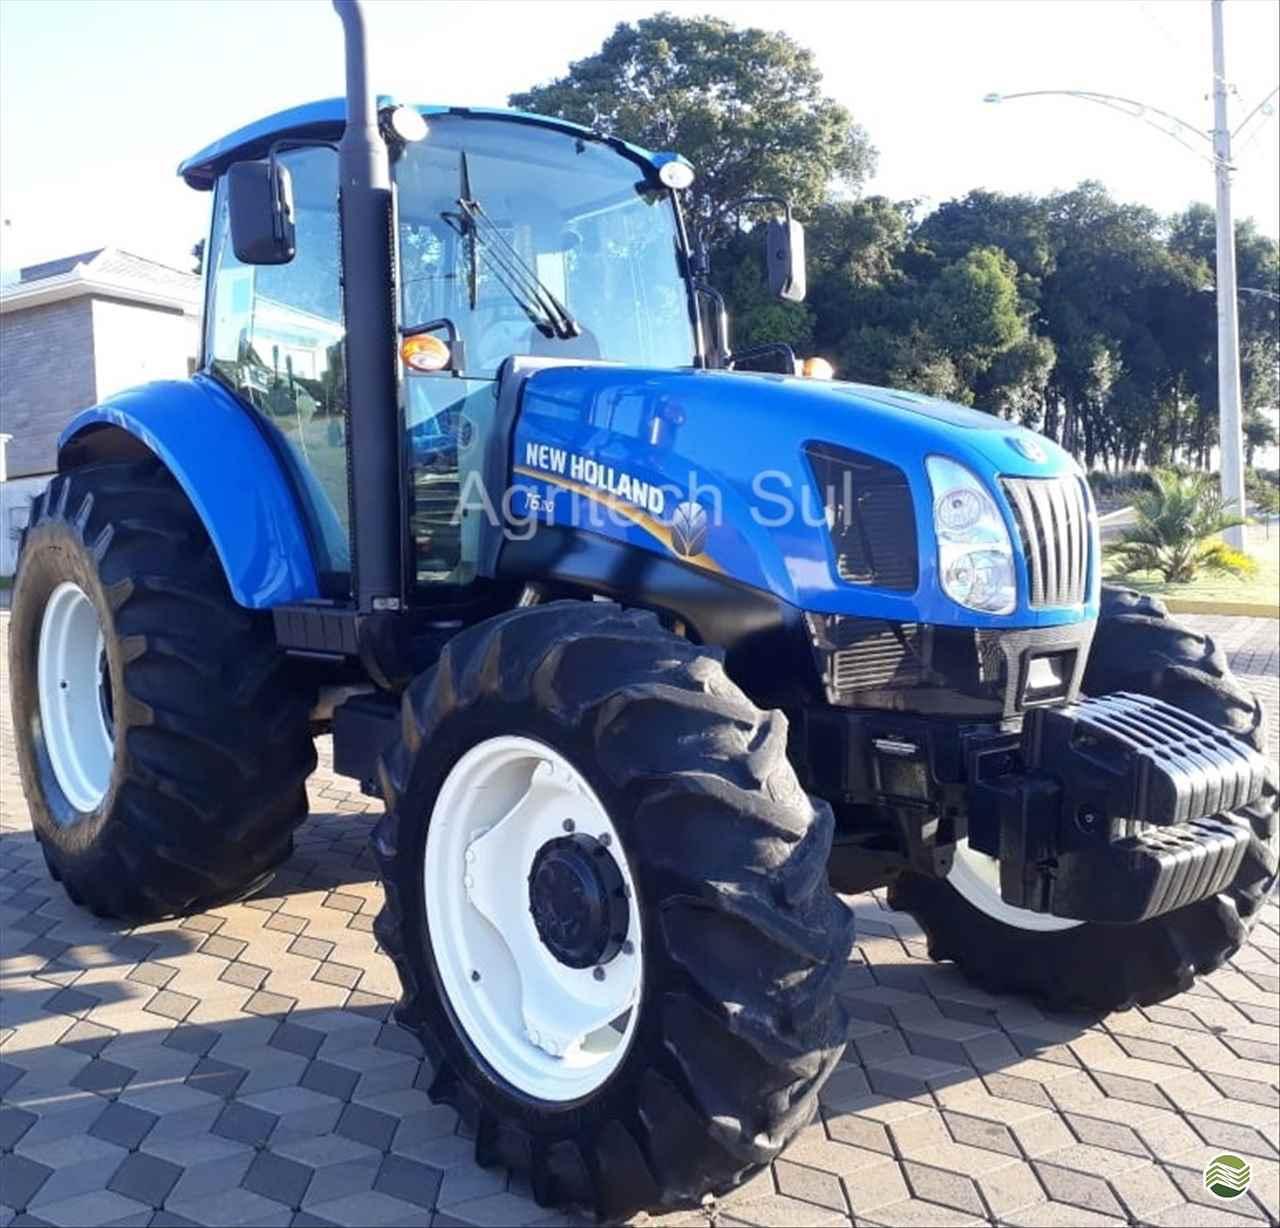 TRATOR NEW HOLLAND NEW T6 110 Tração 4x4 Agritech Sul PASSO FUNDO RIO GRANDE DO SUL RS